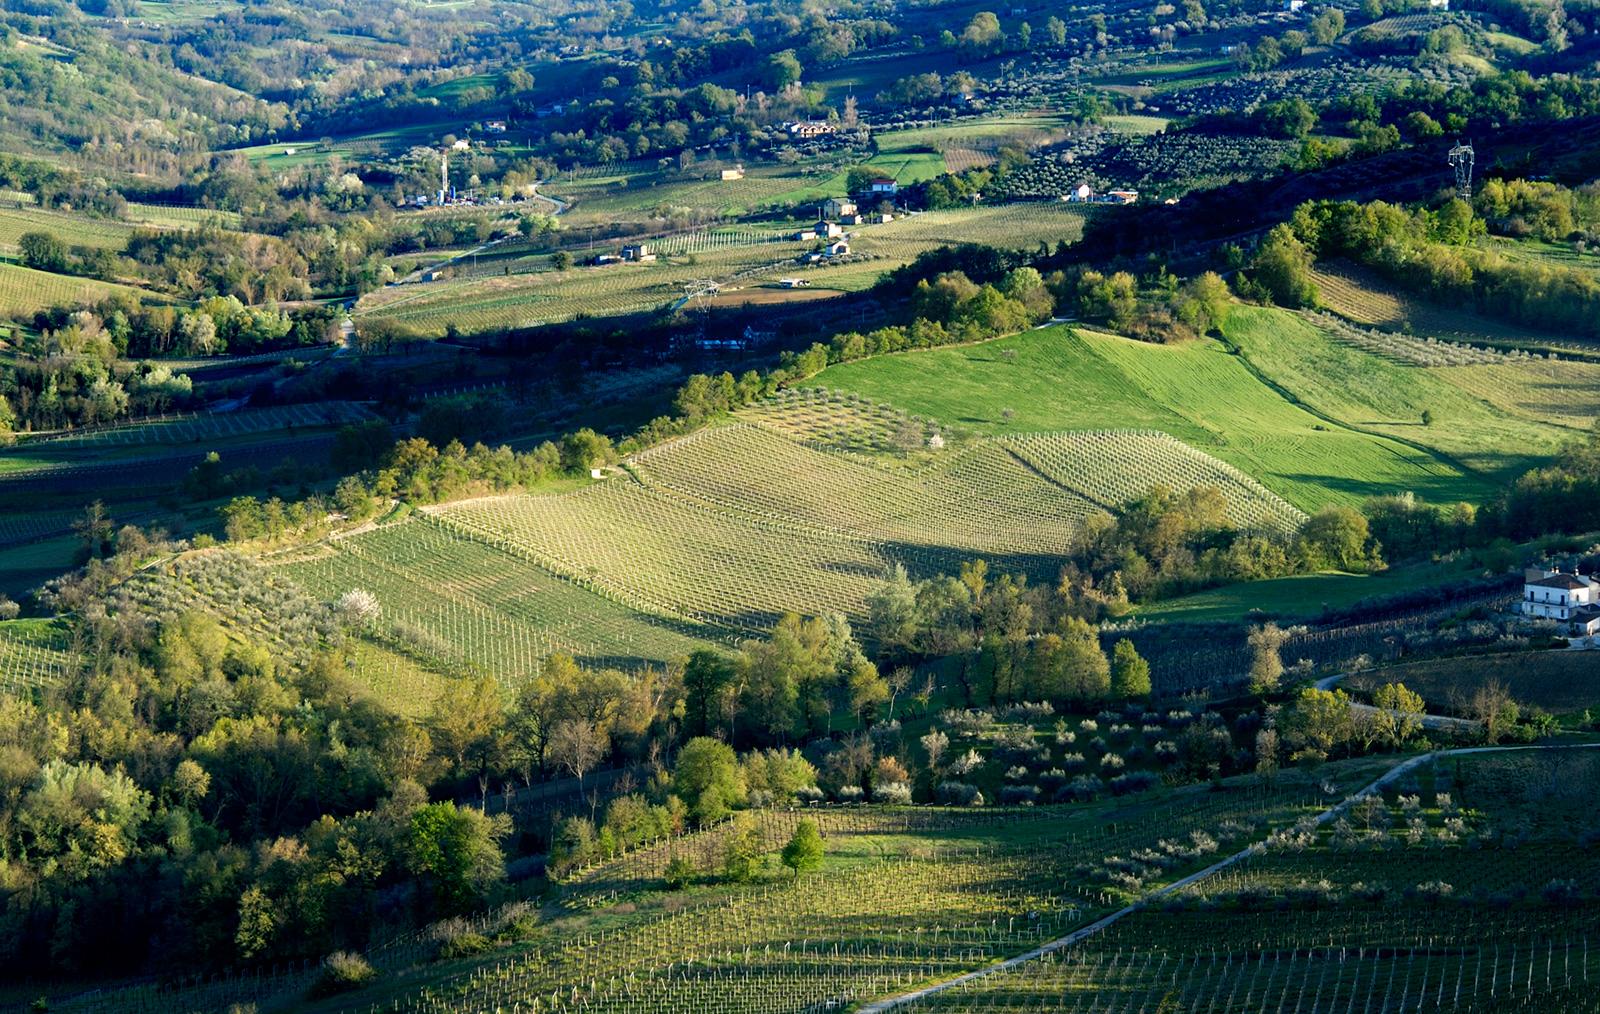 Masciarelli Tenute Agricole si è impegnata negli ultimi 30 anni a studiare e valorizzare il territorio agrario regionale, rivelando il potenziale vitivinicolo di una terra di forti contrasti – e quindi di terroir unici – come l'Abruzzo.